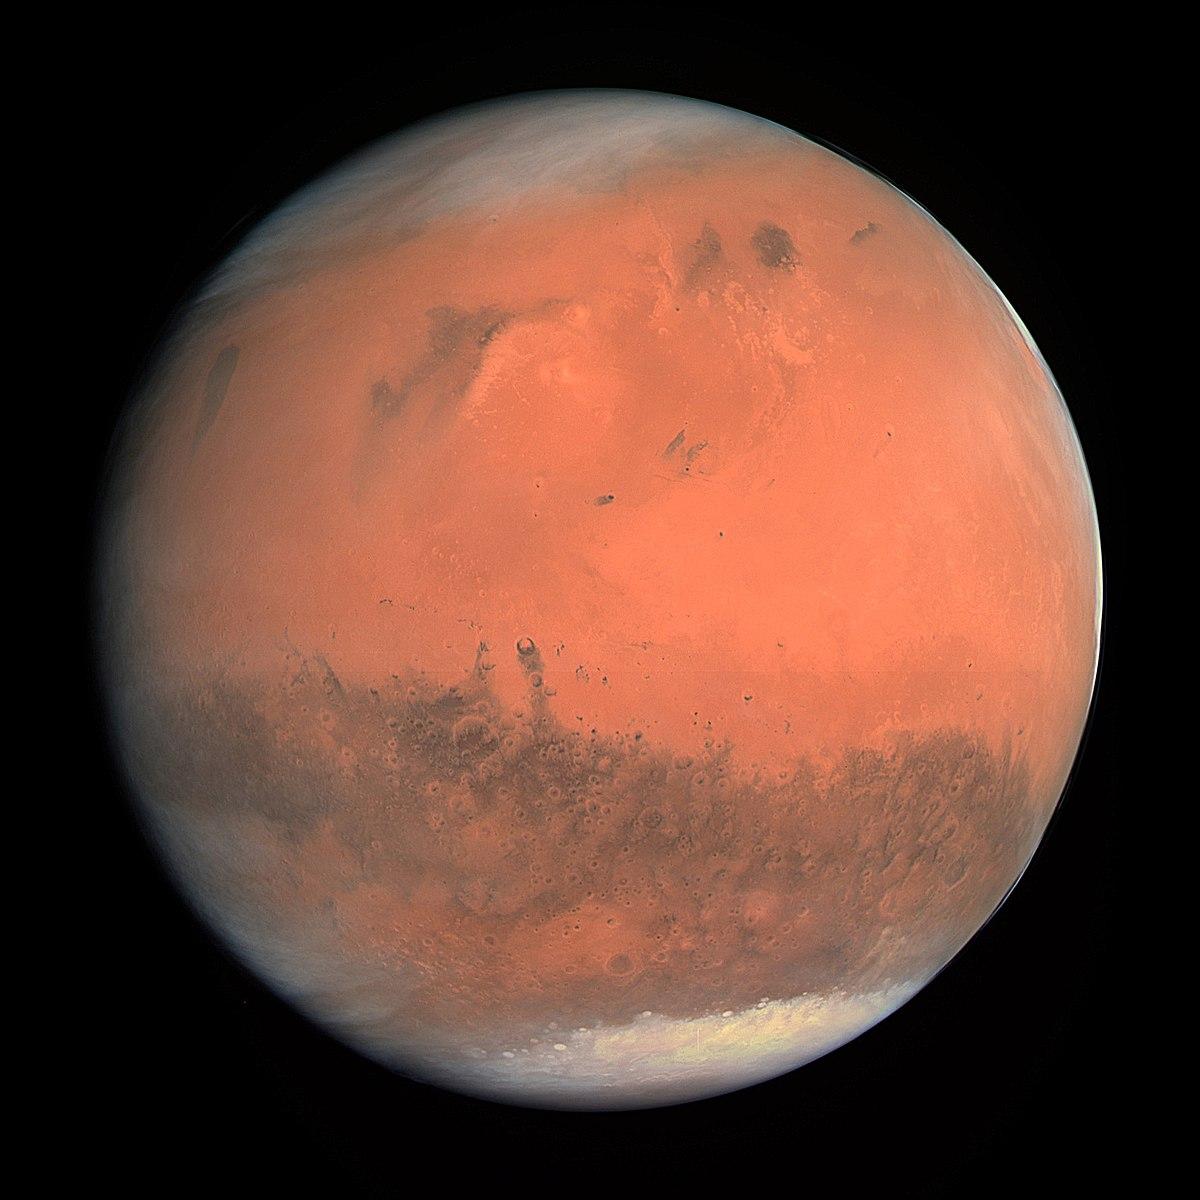 Elon Musk uwa¿a, ¿e za cztery lata zaczniemy kolonizowaæ Marsa